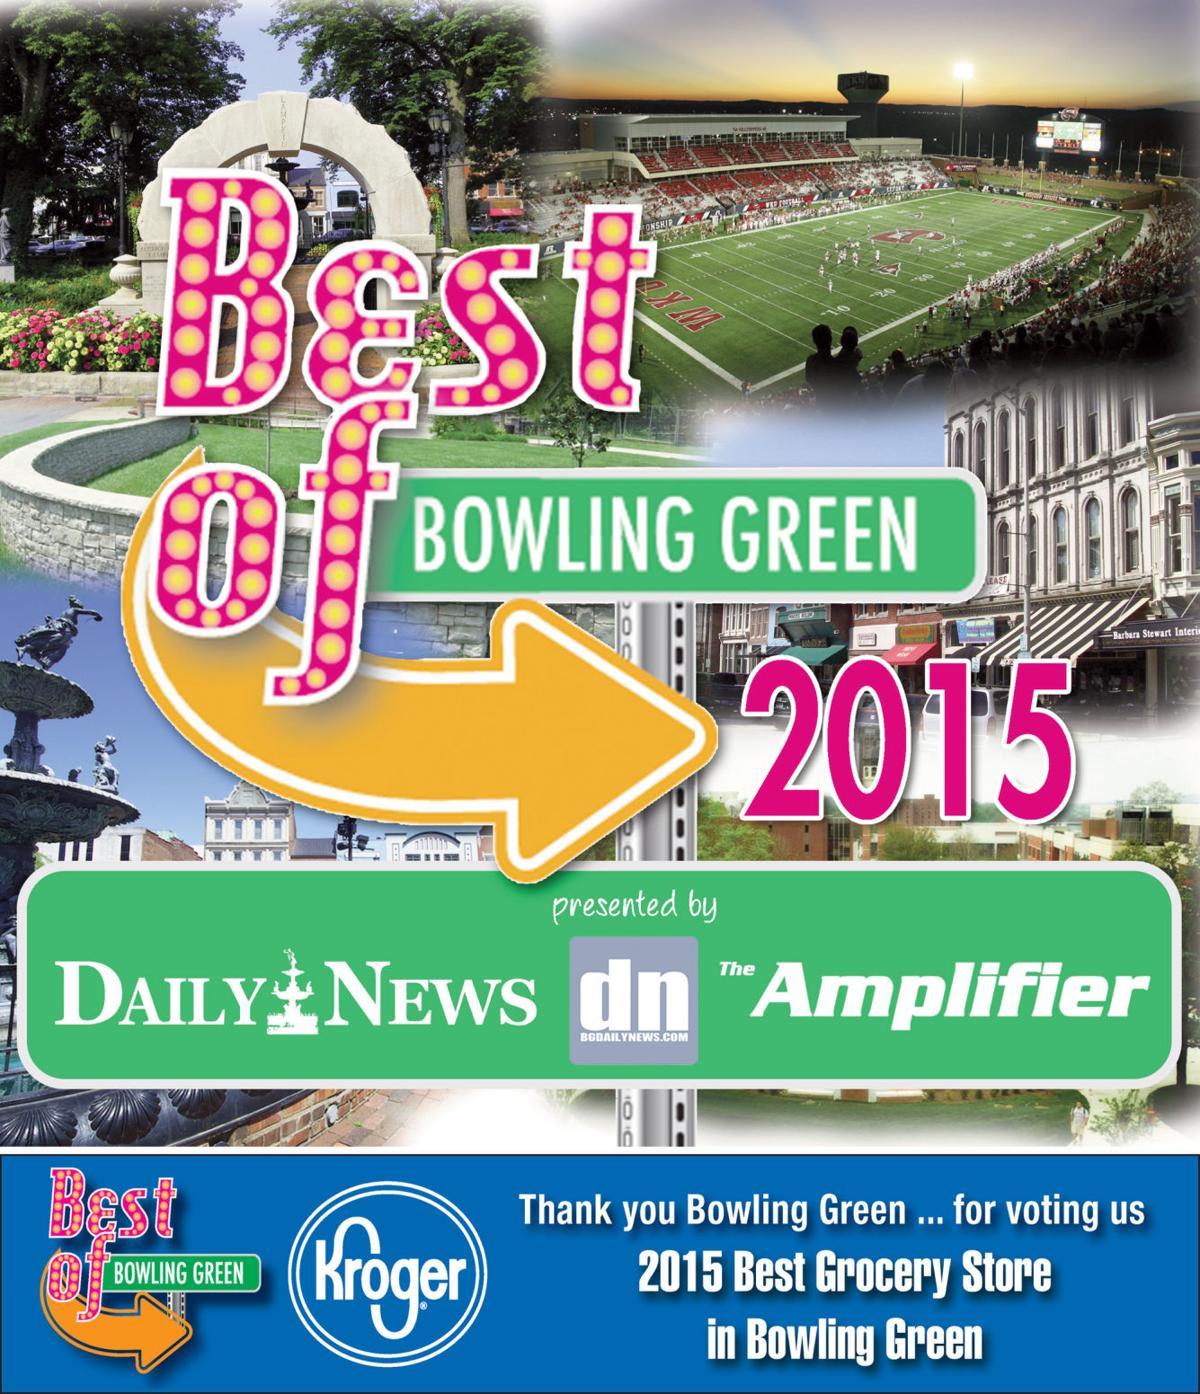 Best of Bowling Green 2015 Community bgdailynewscom